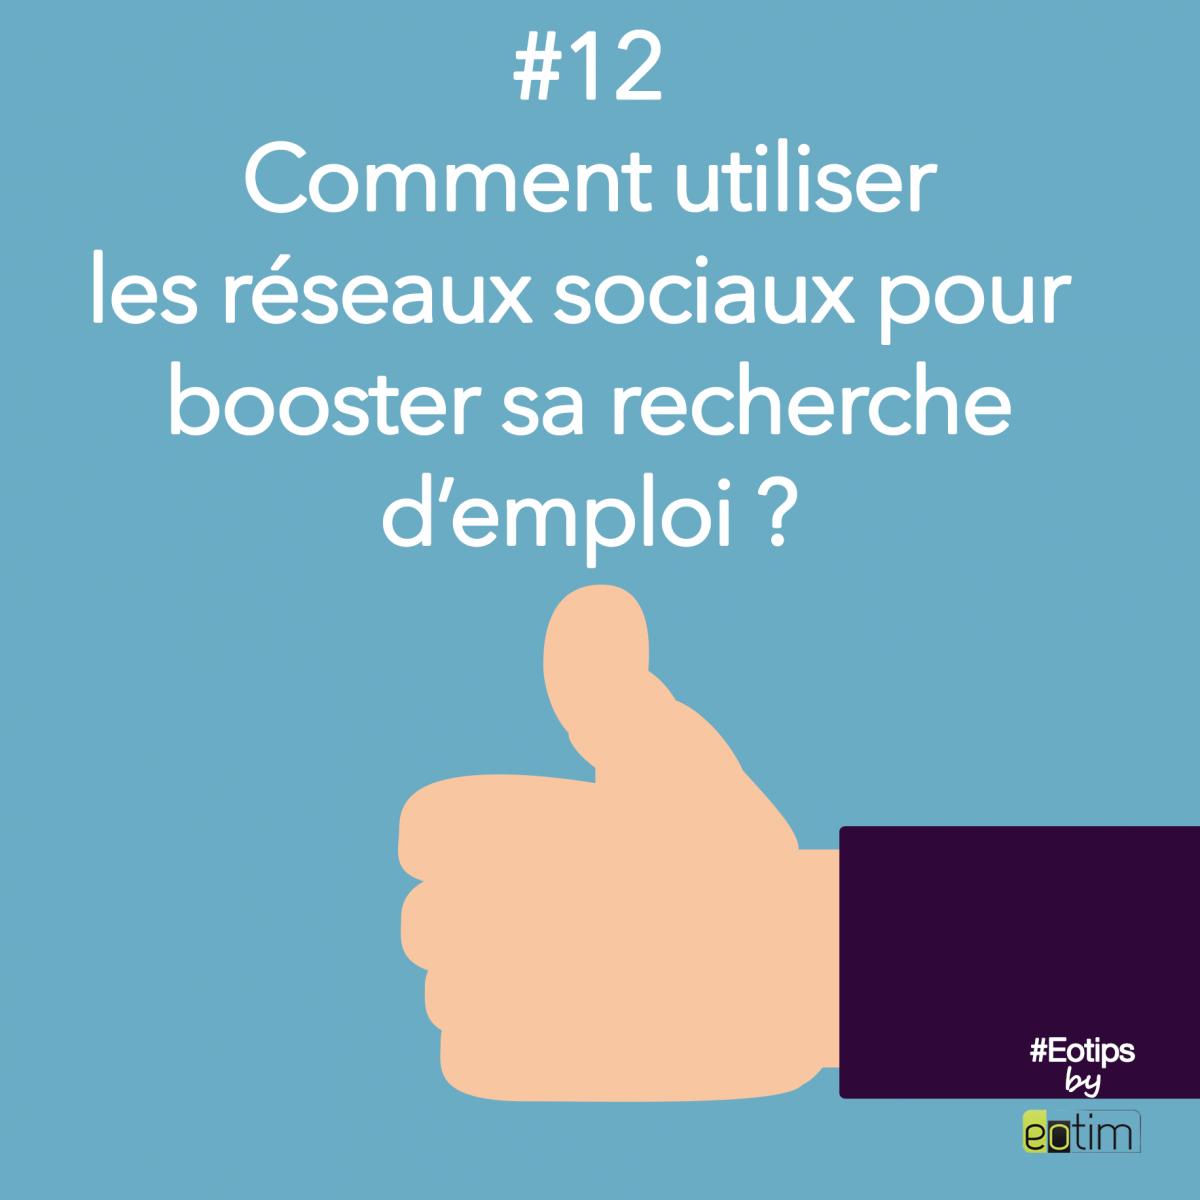 Eotips #12 : Comment bien utiliser les réseaux sociaux pour booster sa recherche d'emploi ?